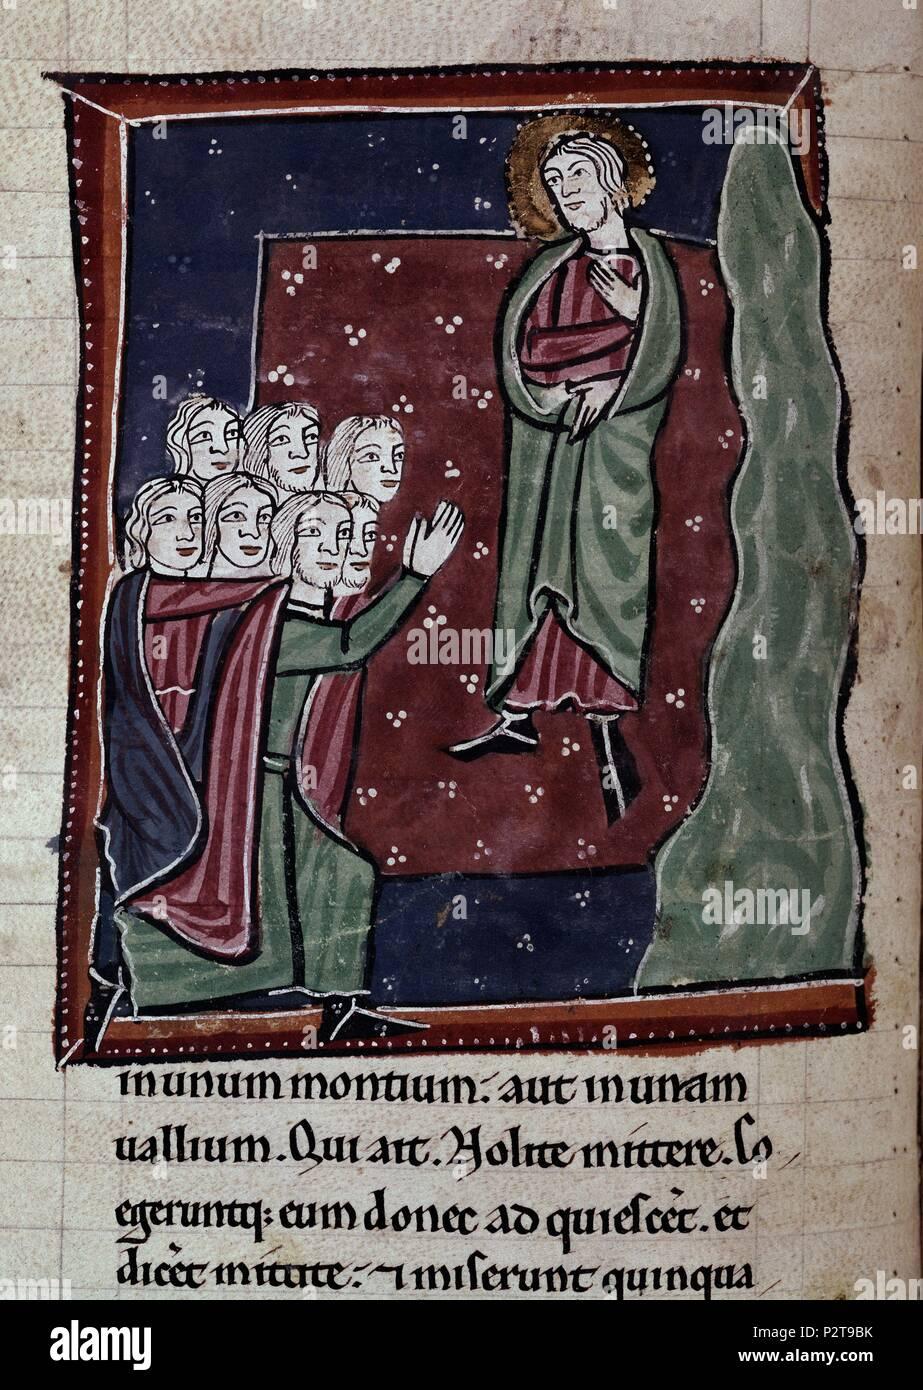 BIBLIA S XIII-TOMO I-HOMBRES PIDEN A ELISEO LA BUSQUEDA DE ELIAS-MINIATURA GOTICA. Location: ACADEMIA DE LA HISTORIA-COLECCION, MADRID, SPAIN. - Stock Image